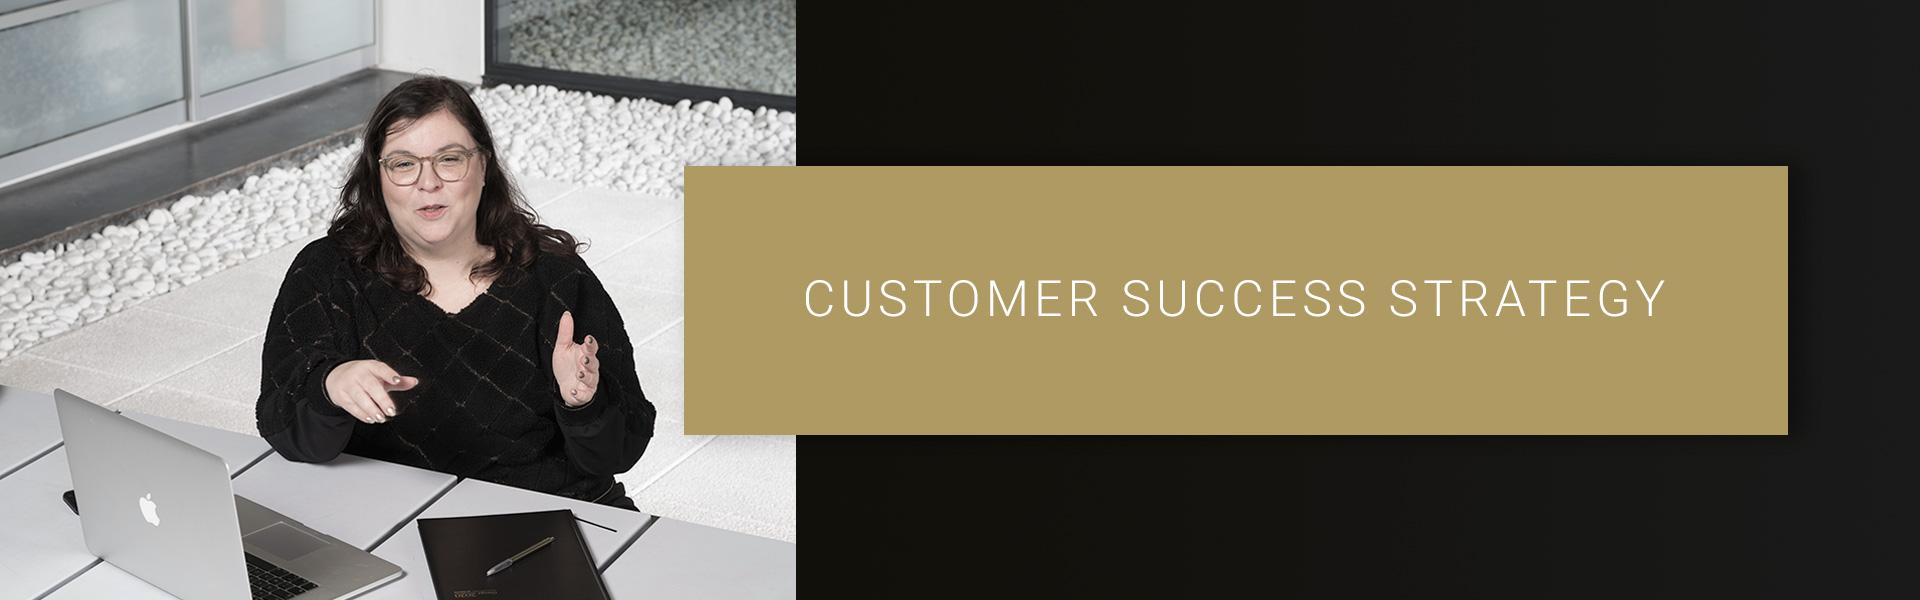 Chetta_banner_customer_success_strategy